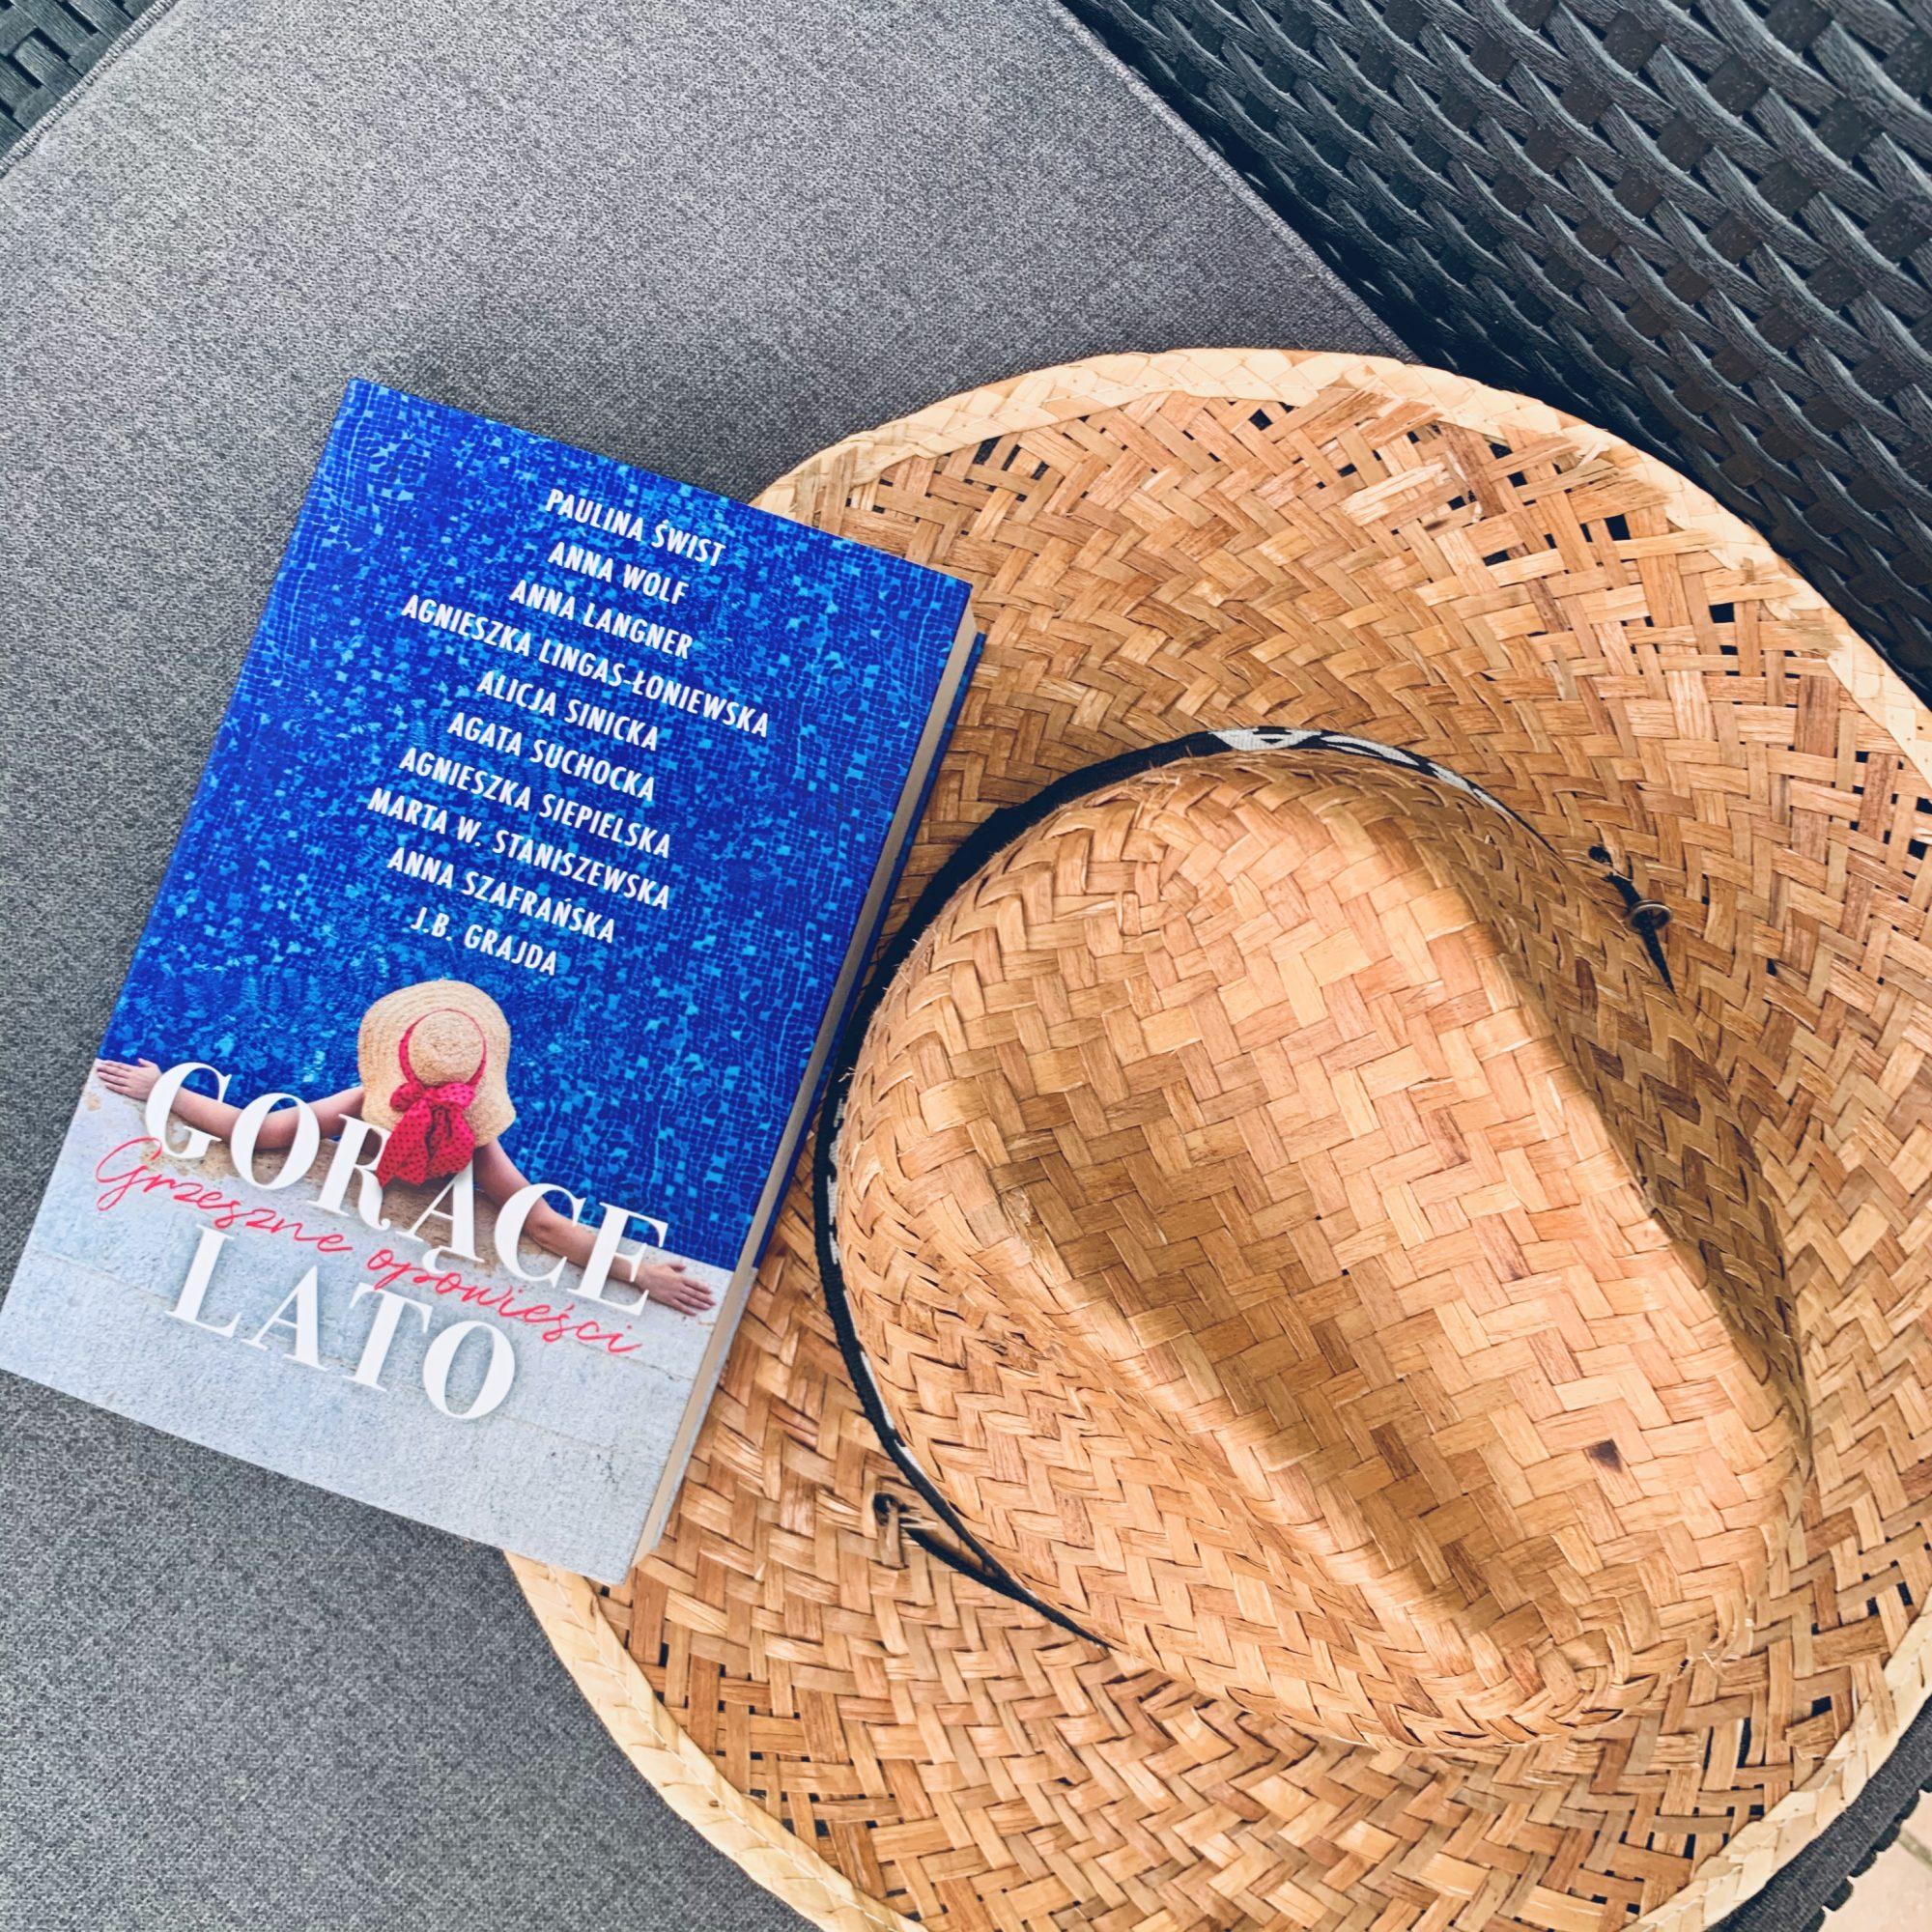 gorace-lato-zbior-opowiadan